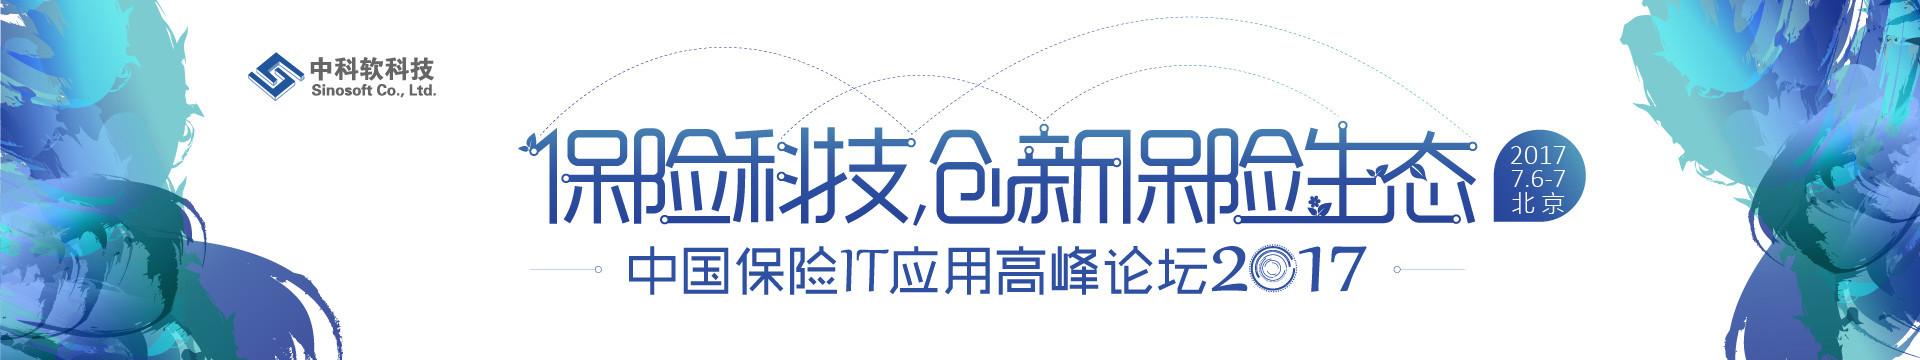 2017中国保险IT应用高峰论坛